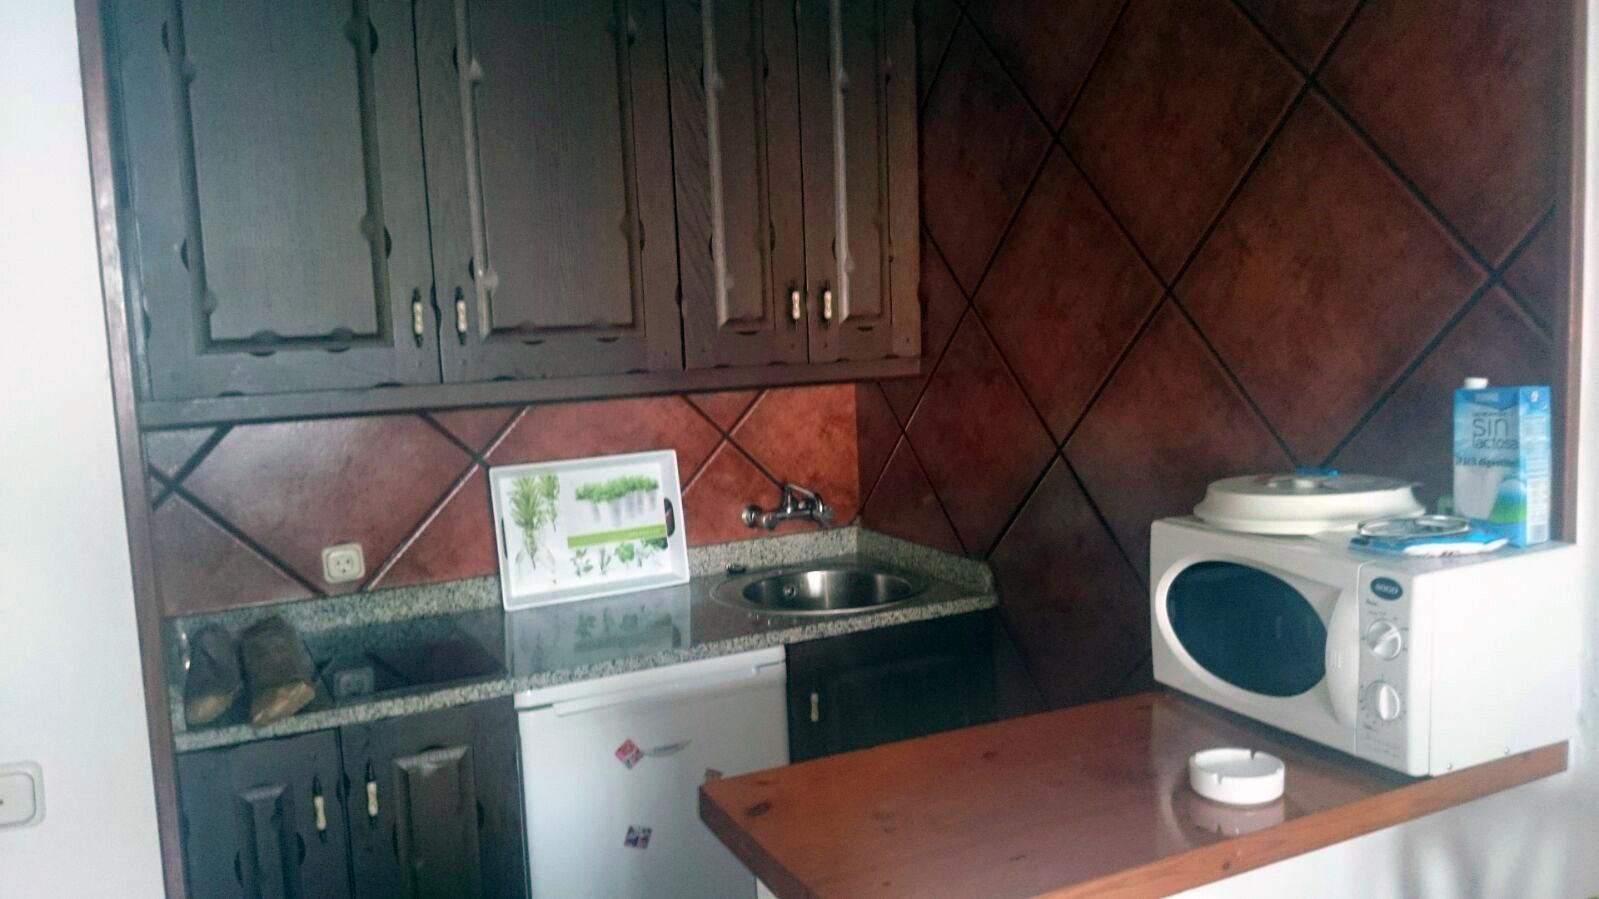 2 komnatnyye apartamenty v Benalmadene u morya - N3587 - vikmar-realty.ru